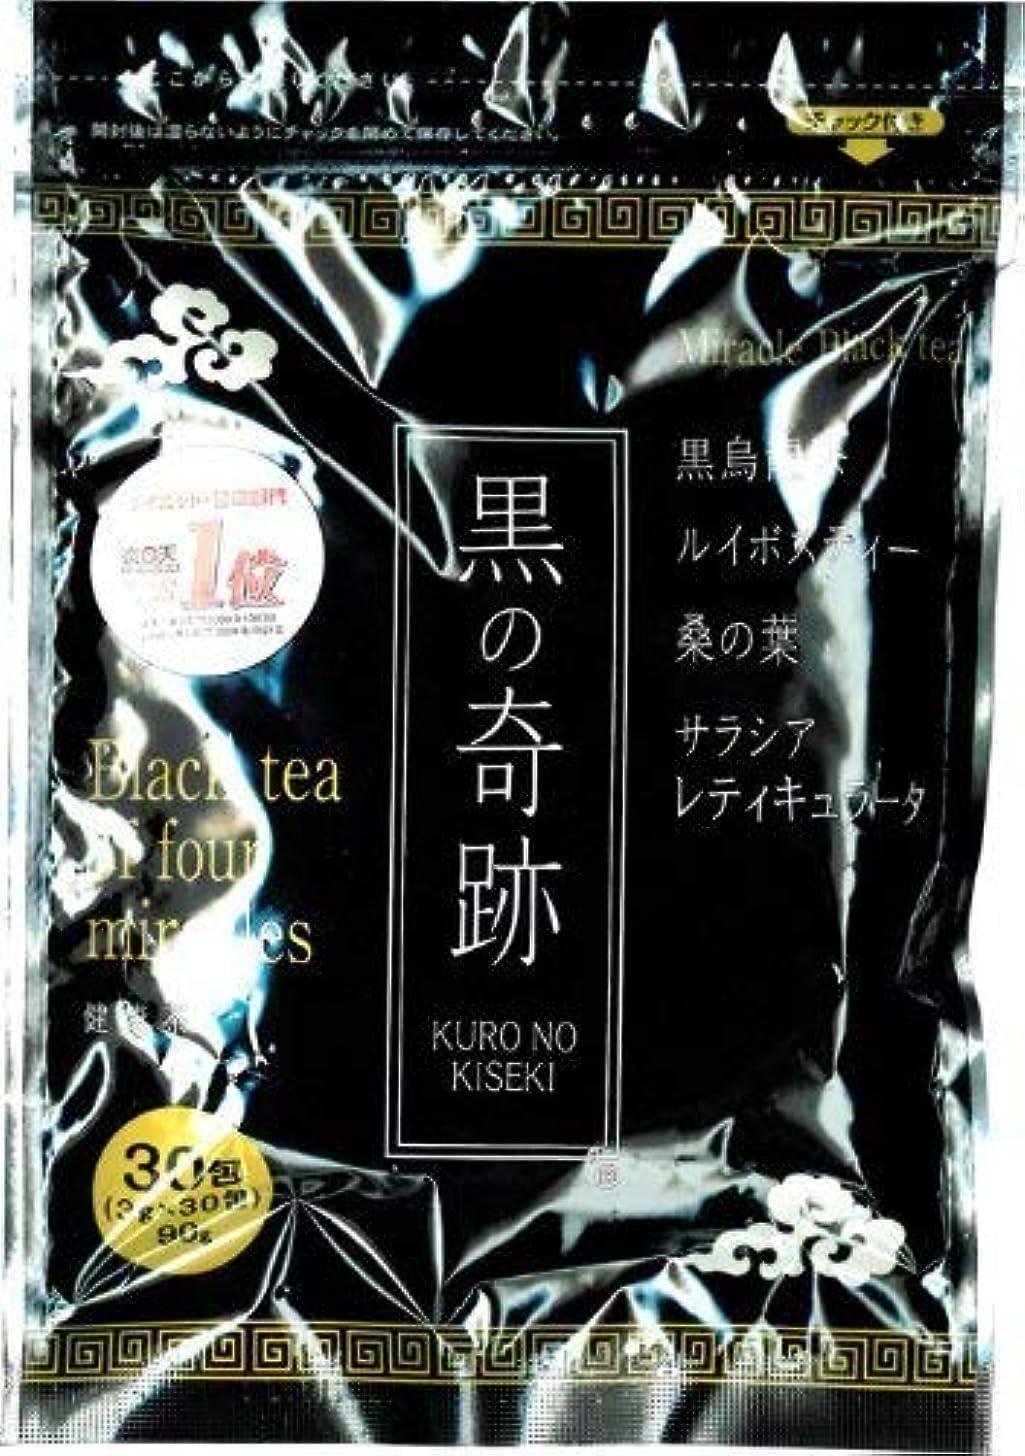 紀元前蒸発するエキス黒の奇跡 (30包入) 1袋